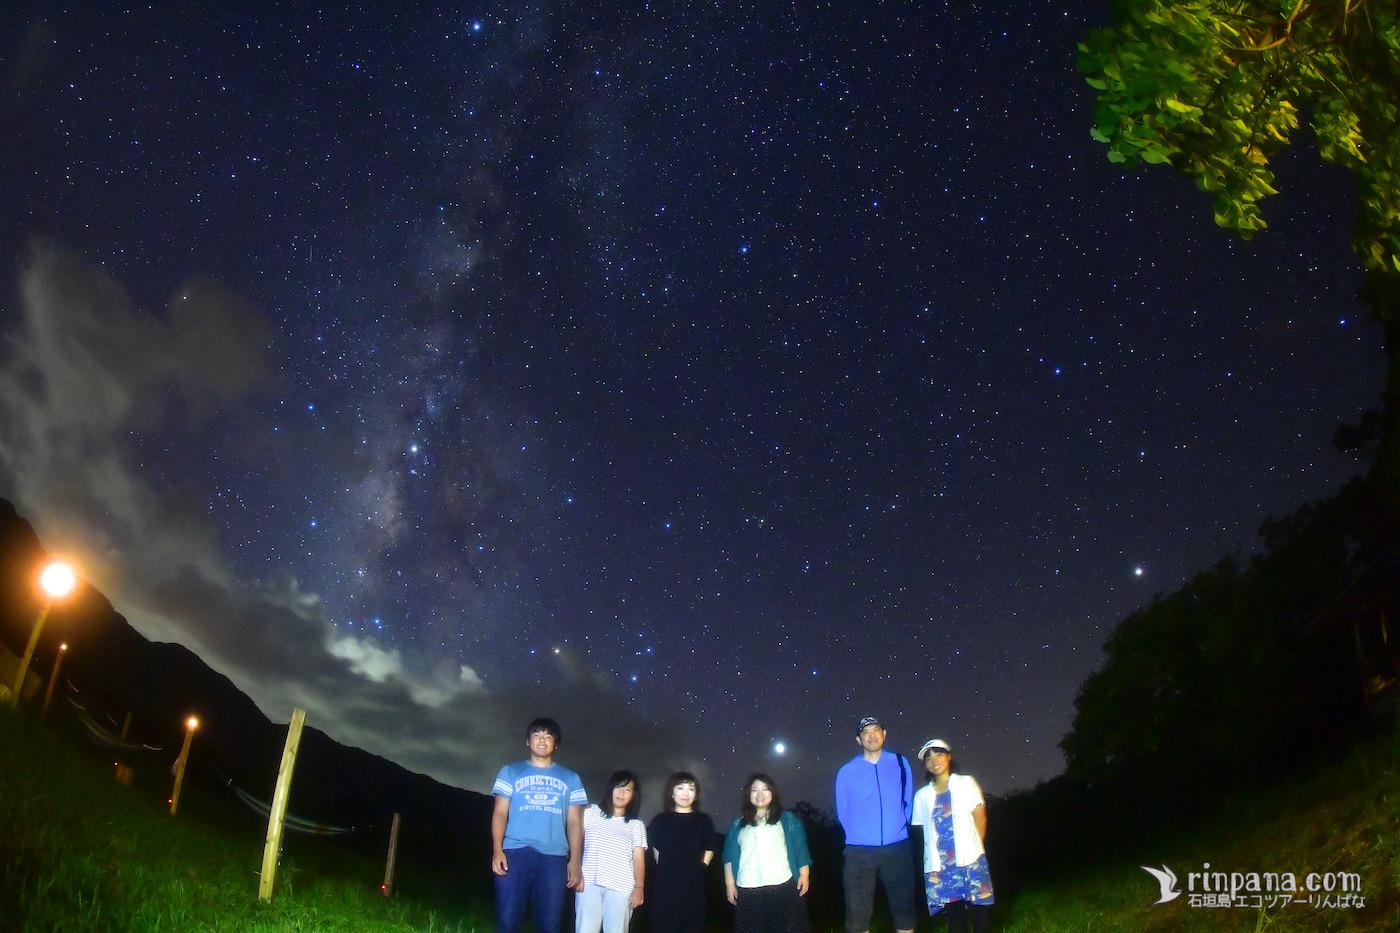 星々の美しさに感動!「空がとても近い感じがする」星空ツアー